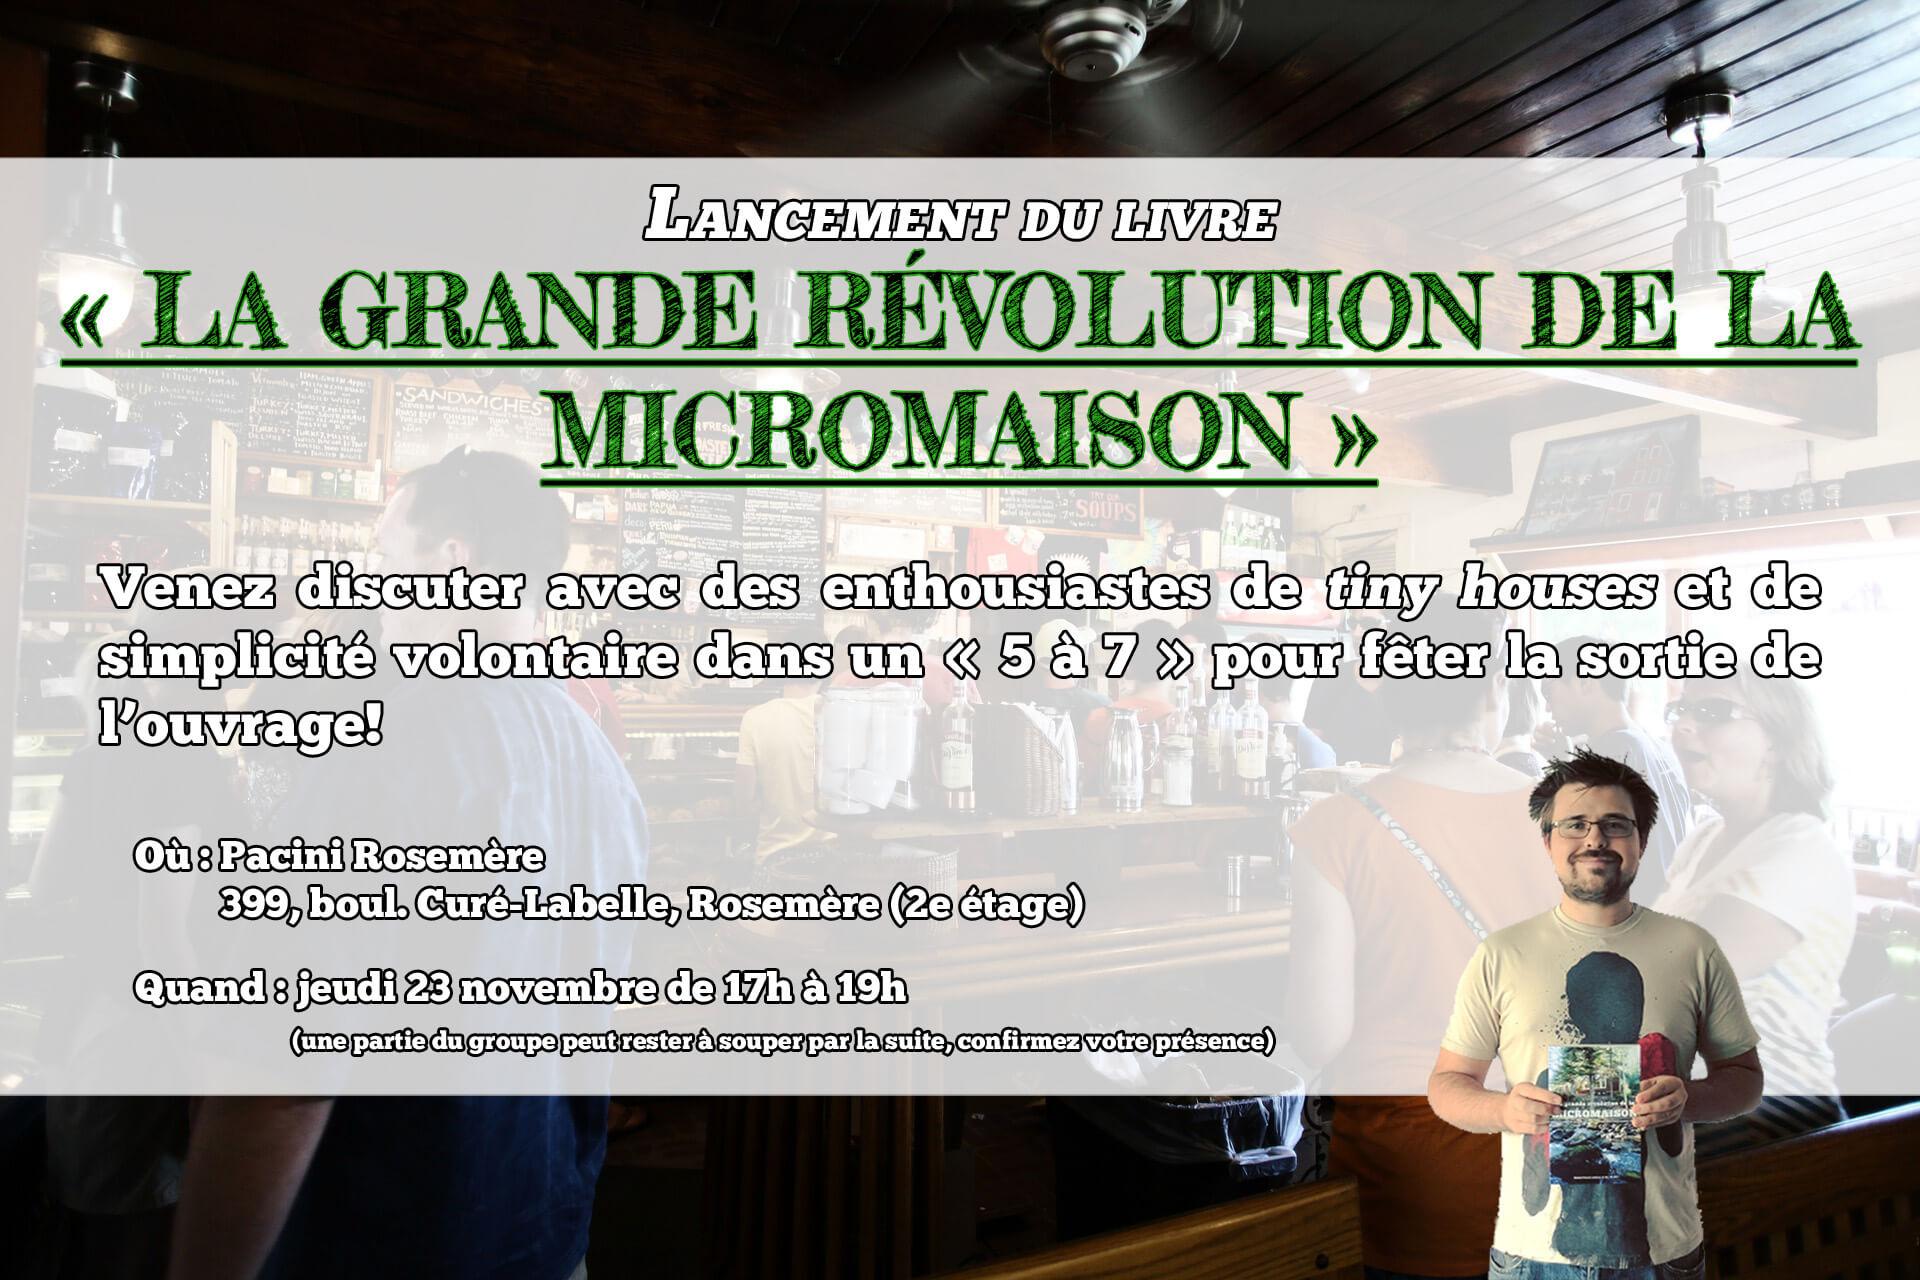 Lancement du livre « La grande révolution de la micromaison »